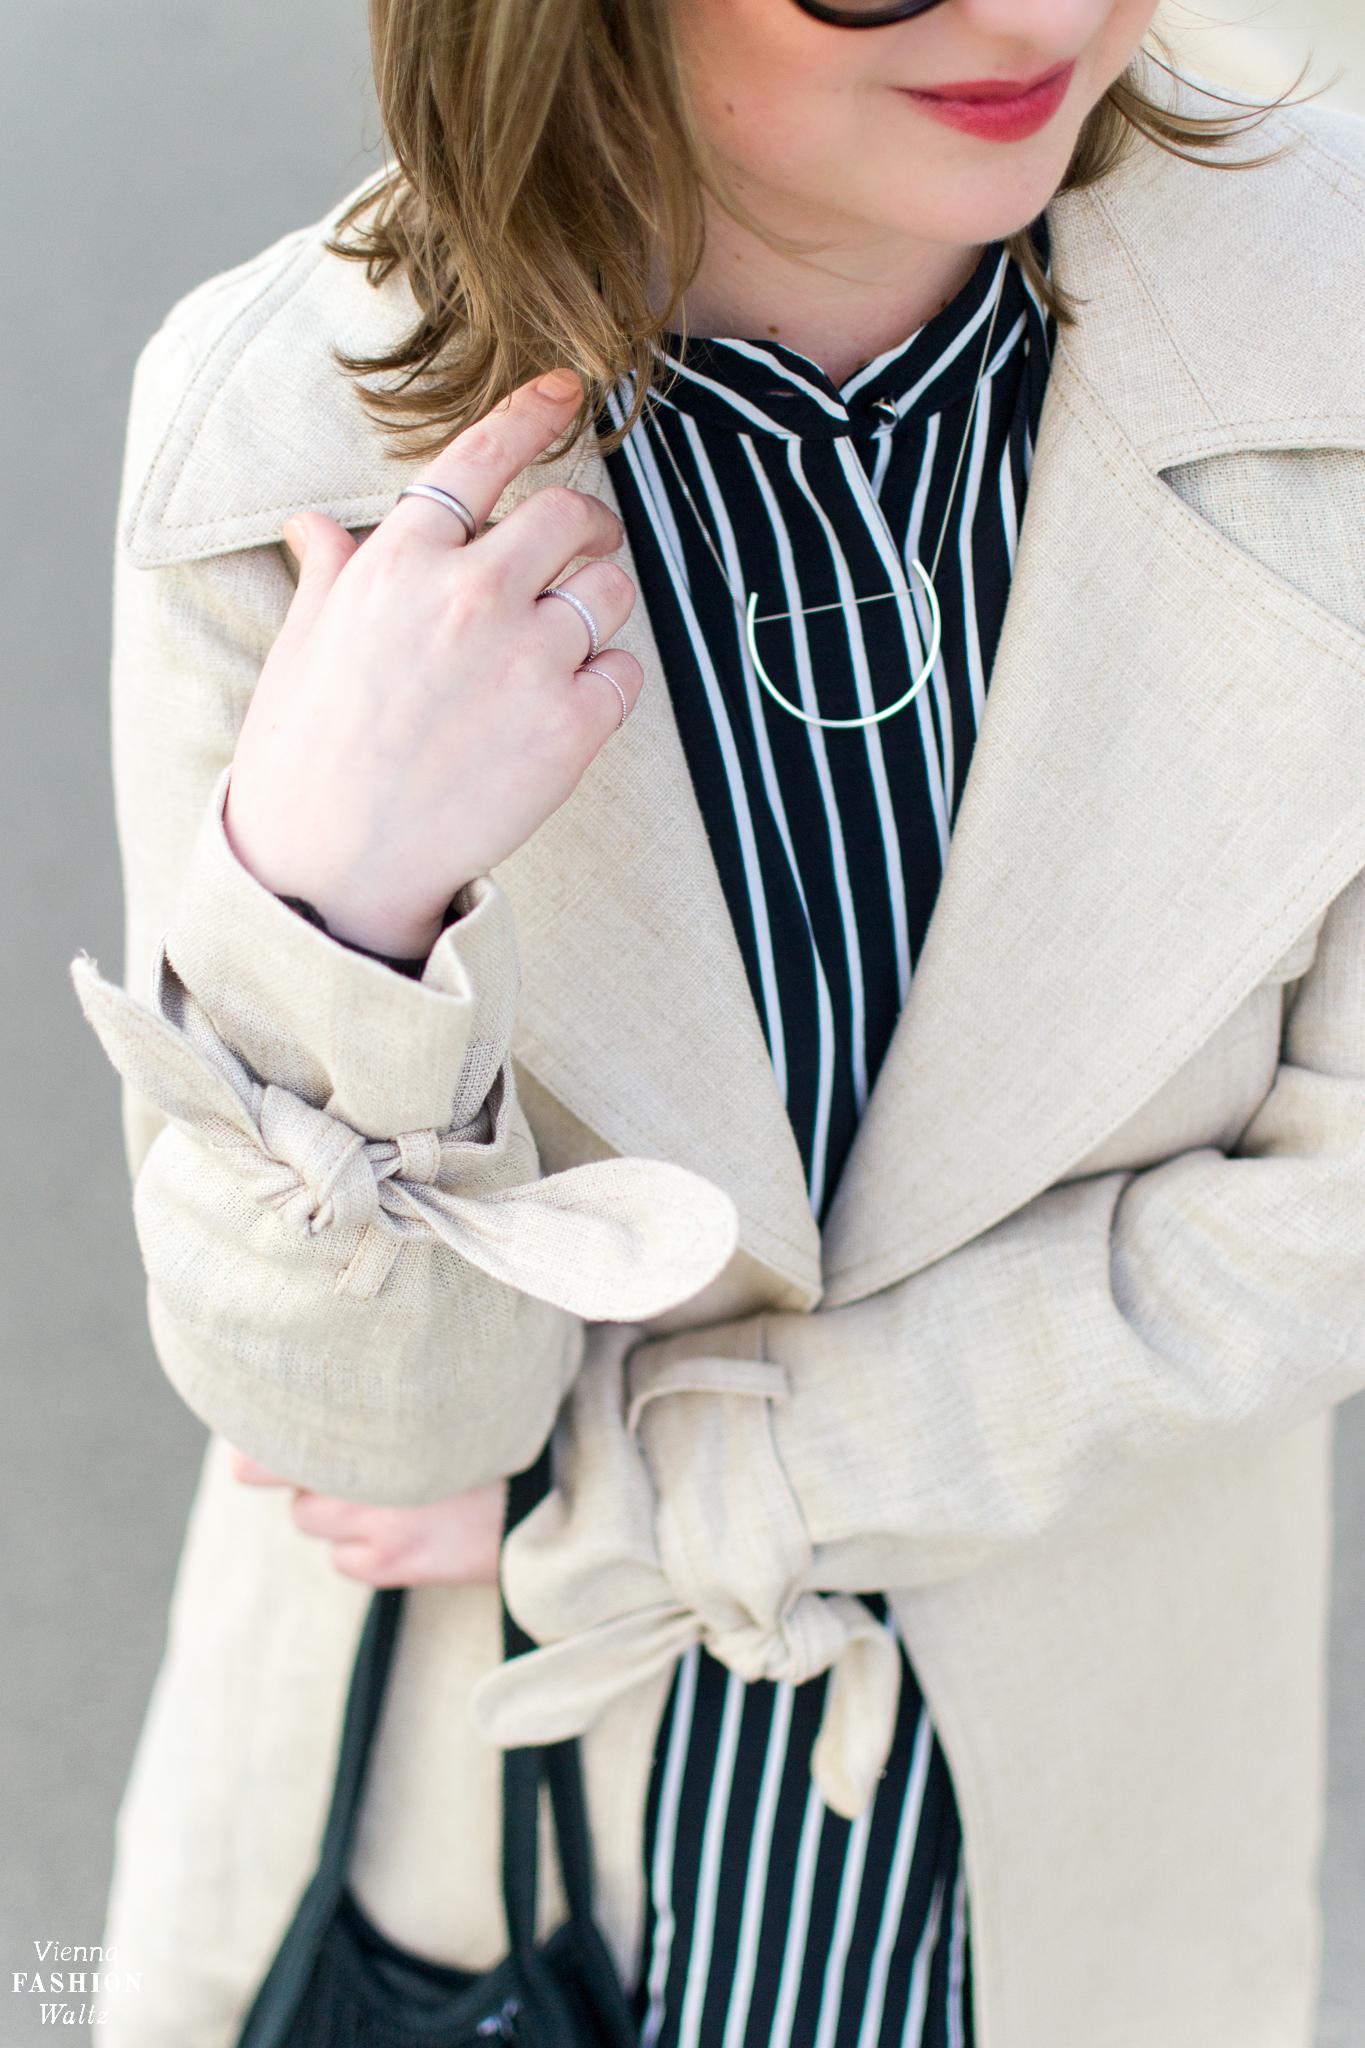 Die richtige Pflege von Leinen | Ein Trenchcoat aus Leinen zum Streifenkleid | Fashion Trends | Streetstyle Vienna | Outfit